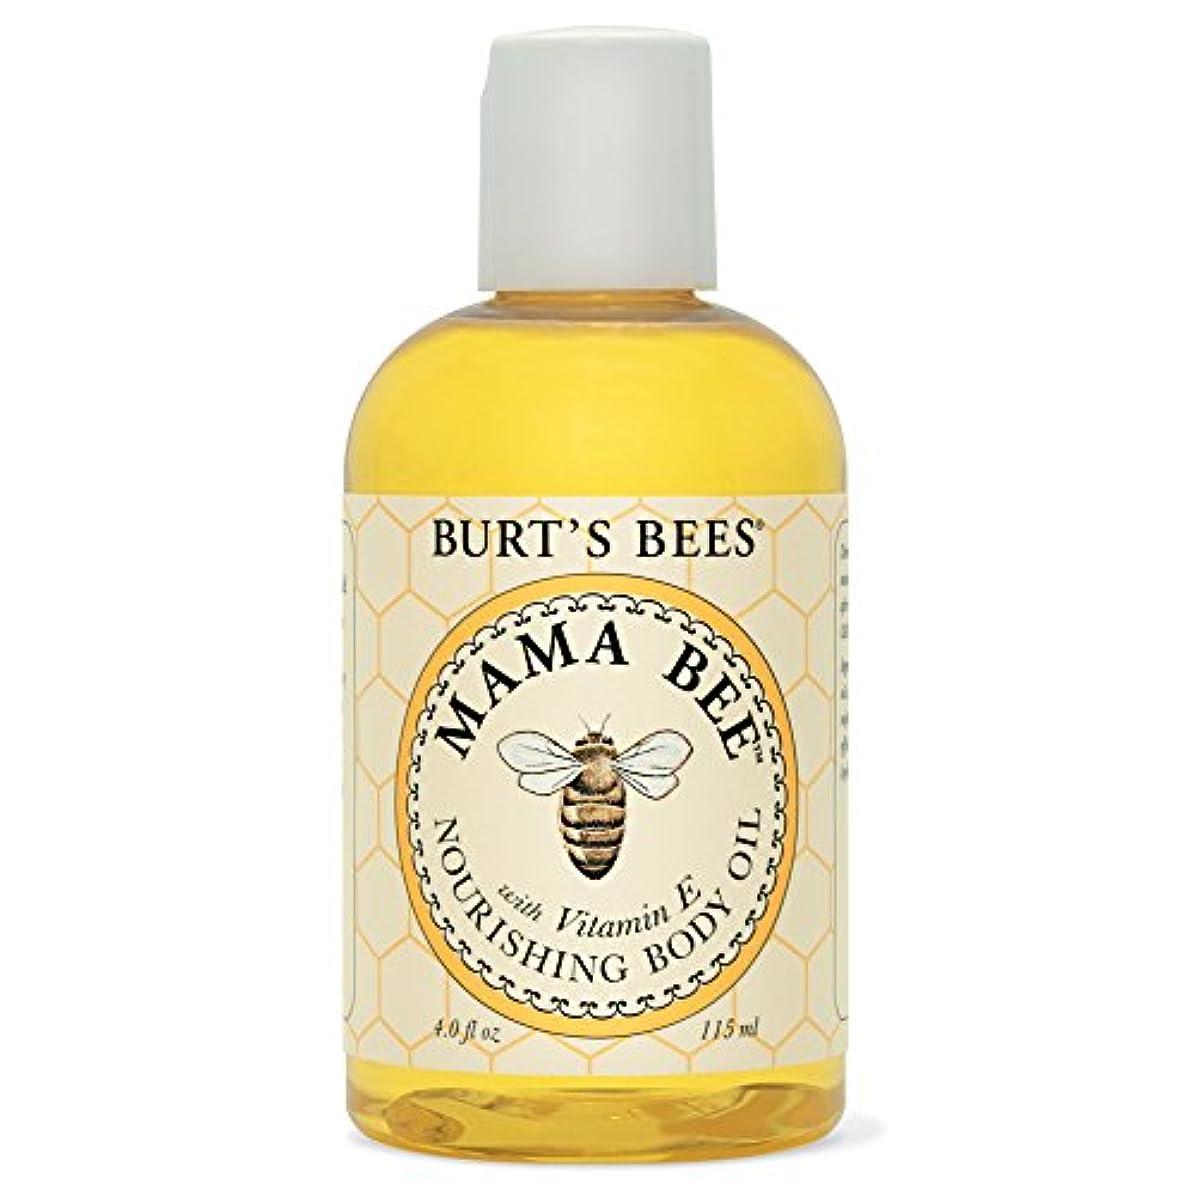 ホイットニーピアースシンジケートバーツビーママ蜂栄養ボディオイル115ミリリットル (Burt's Bees) - Burt's Bees Mama Bee Nourishing Body Oil 115ml [並行輸入品]